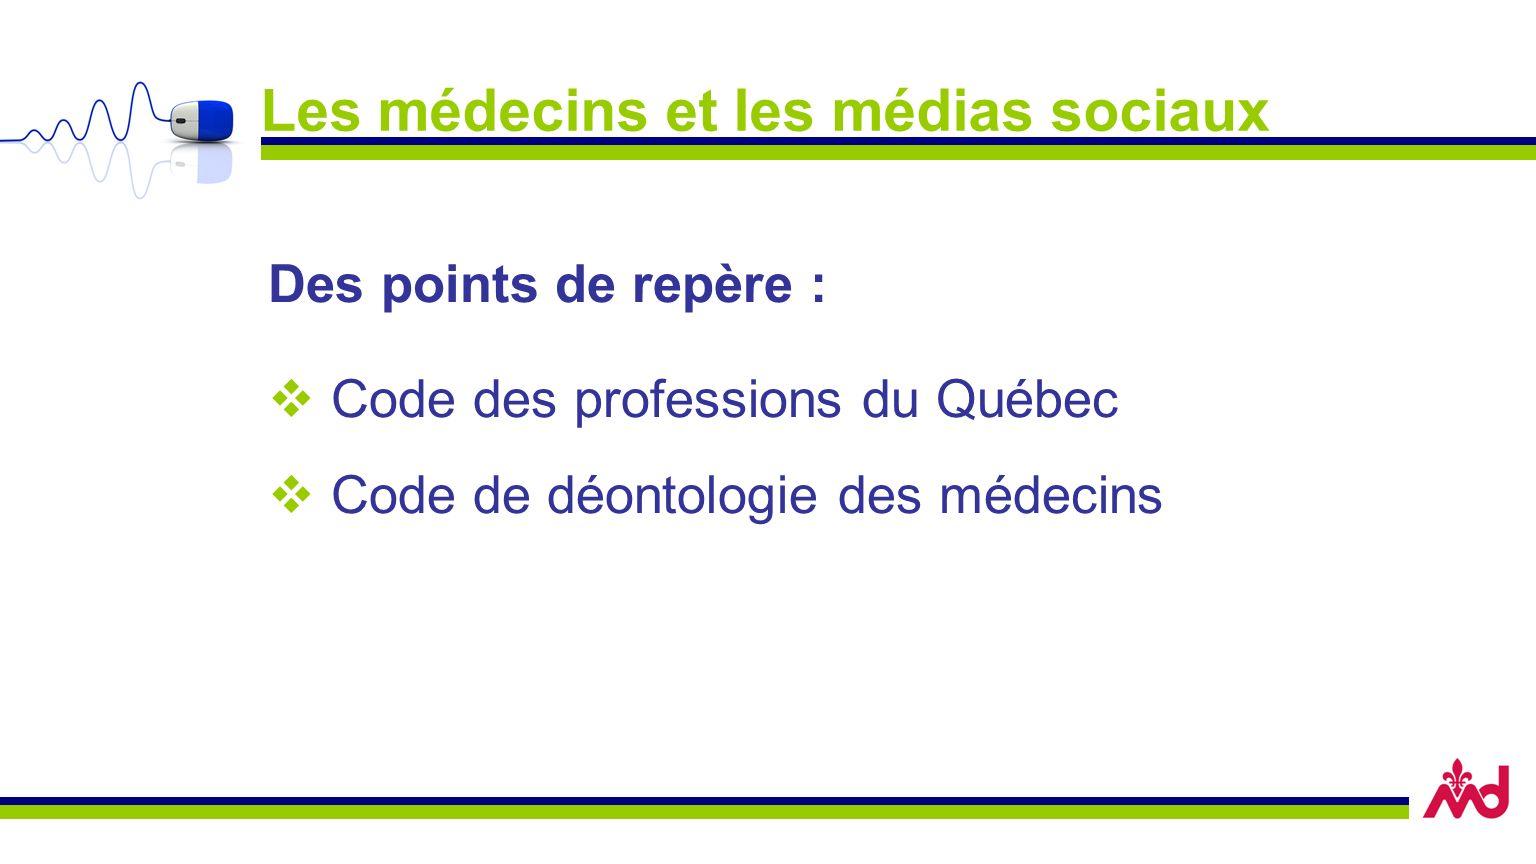 Les médecins et les médias sociaux Des points de repère : Code des professions du Québec Code de déontologie des médecins